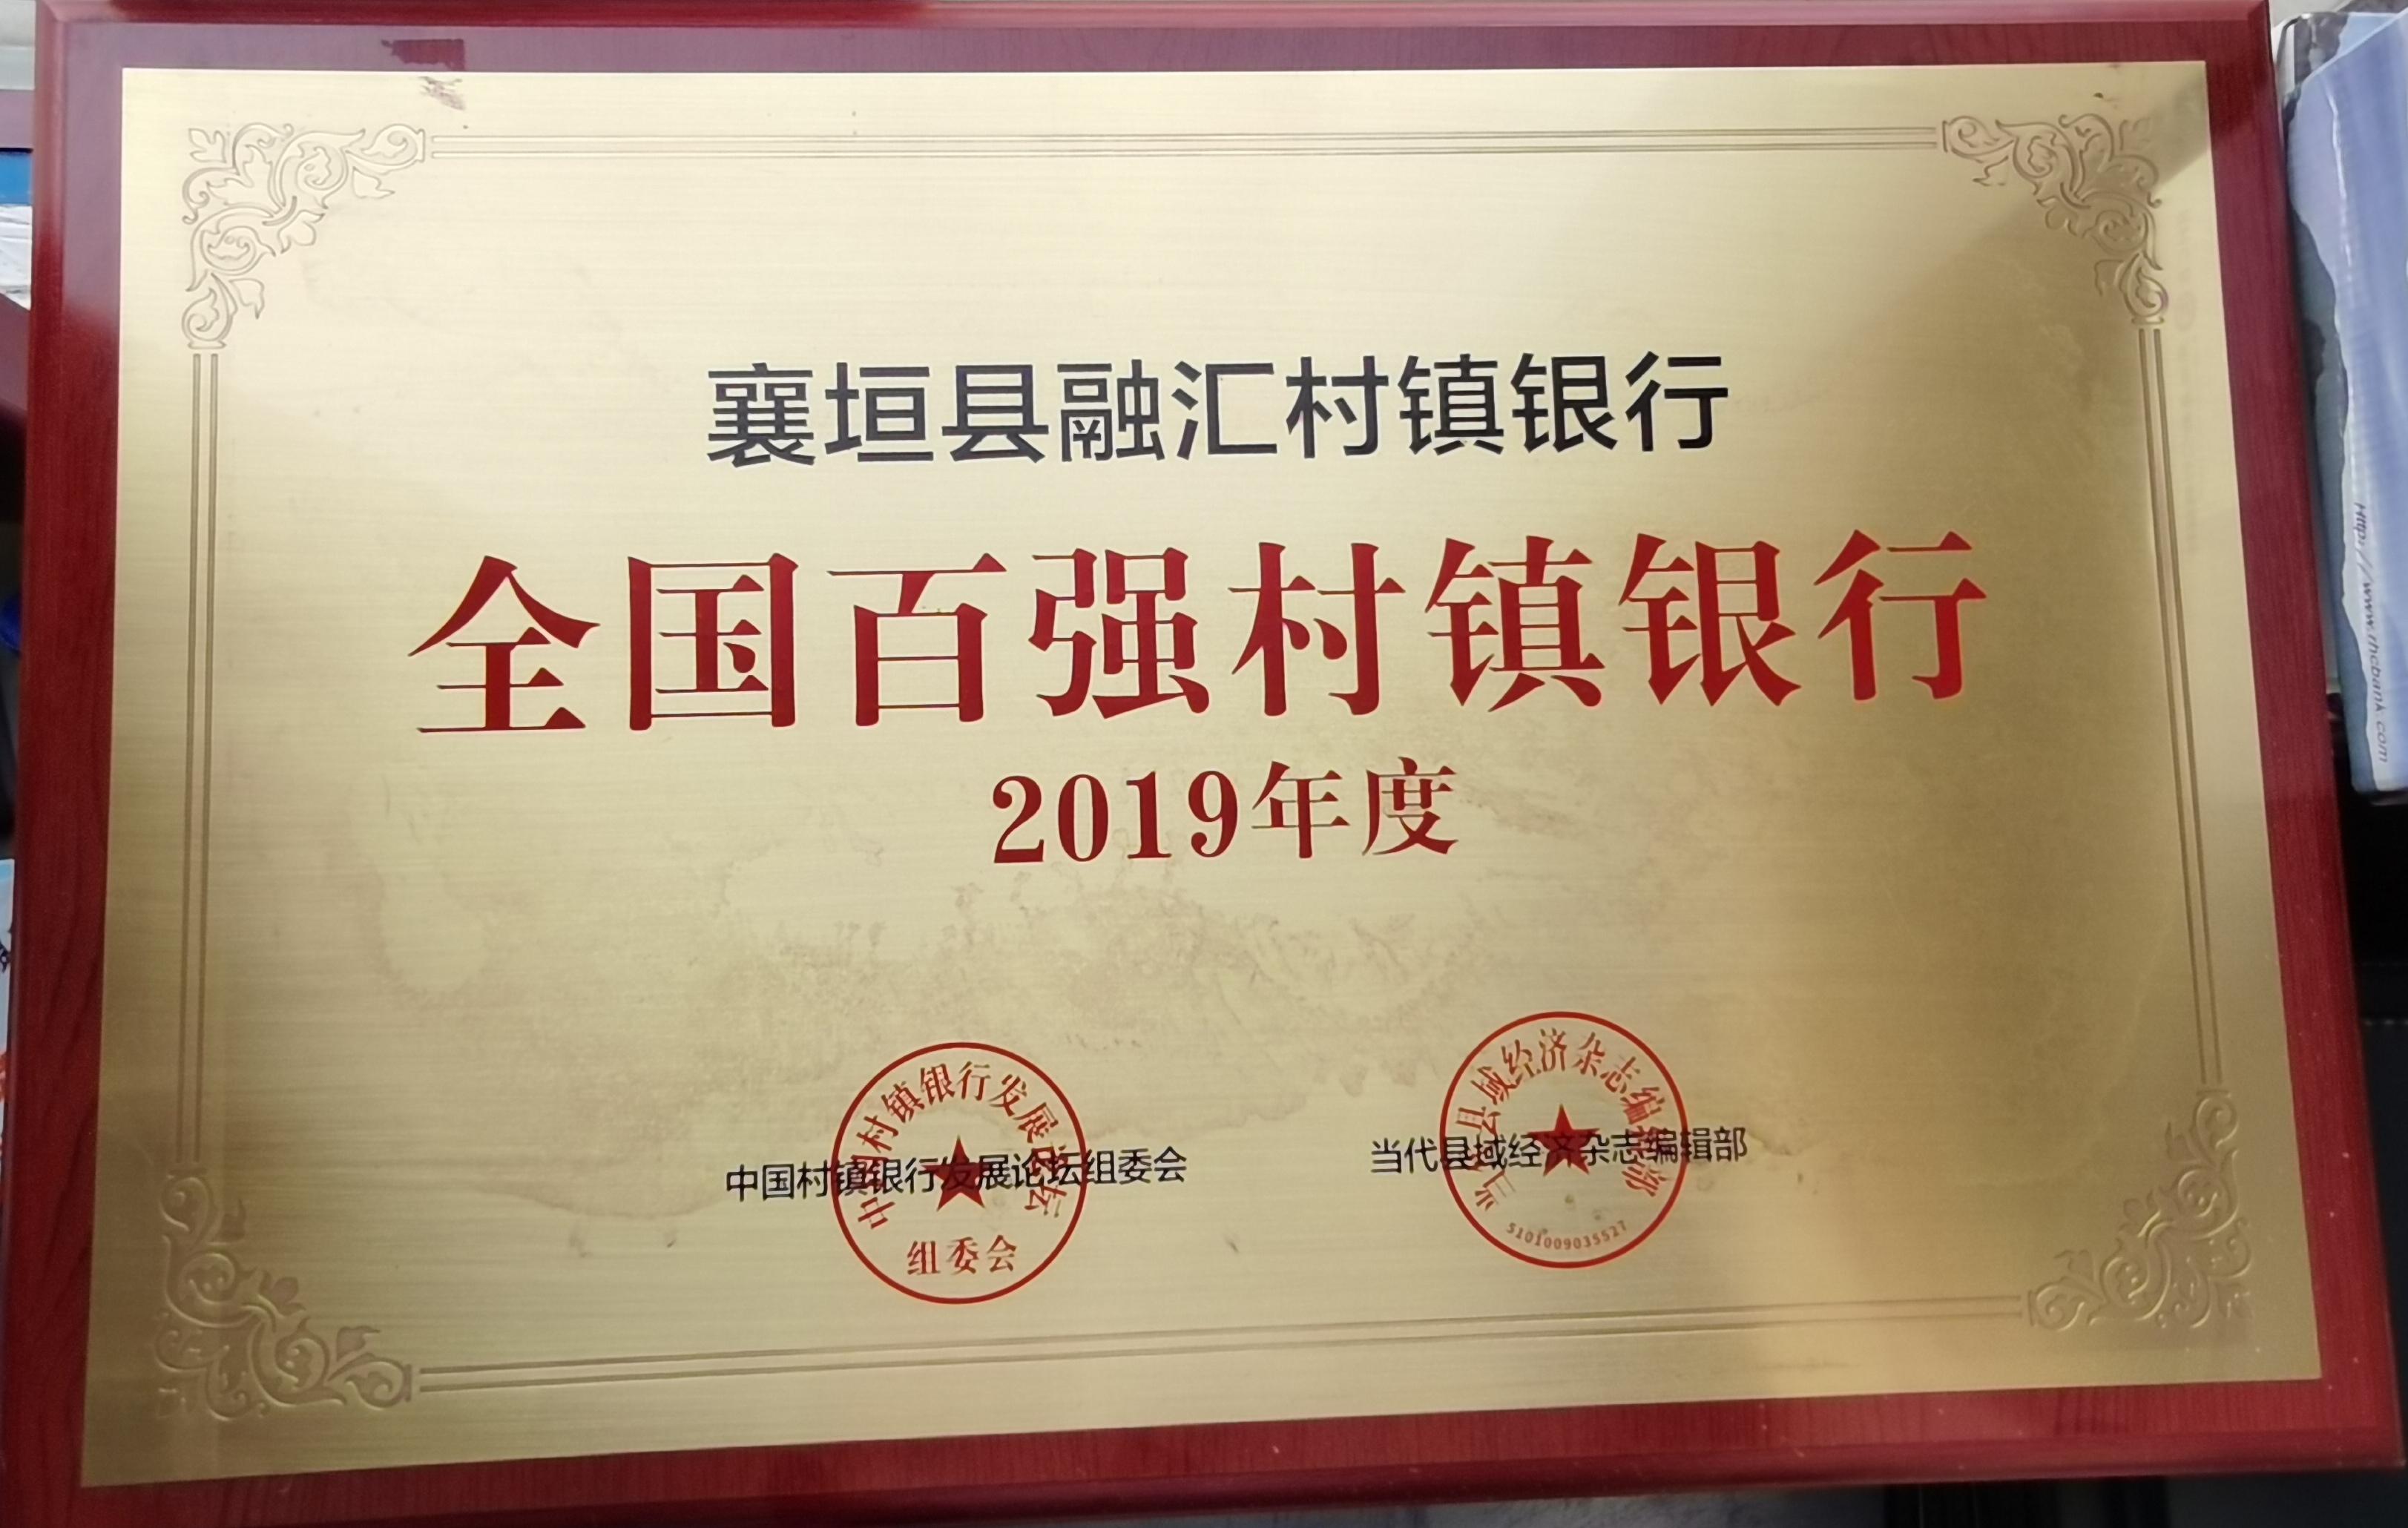 榮獲2019年度全國百強村鎮銀行